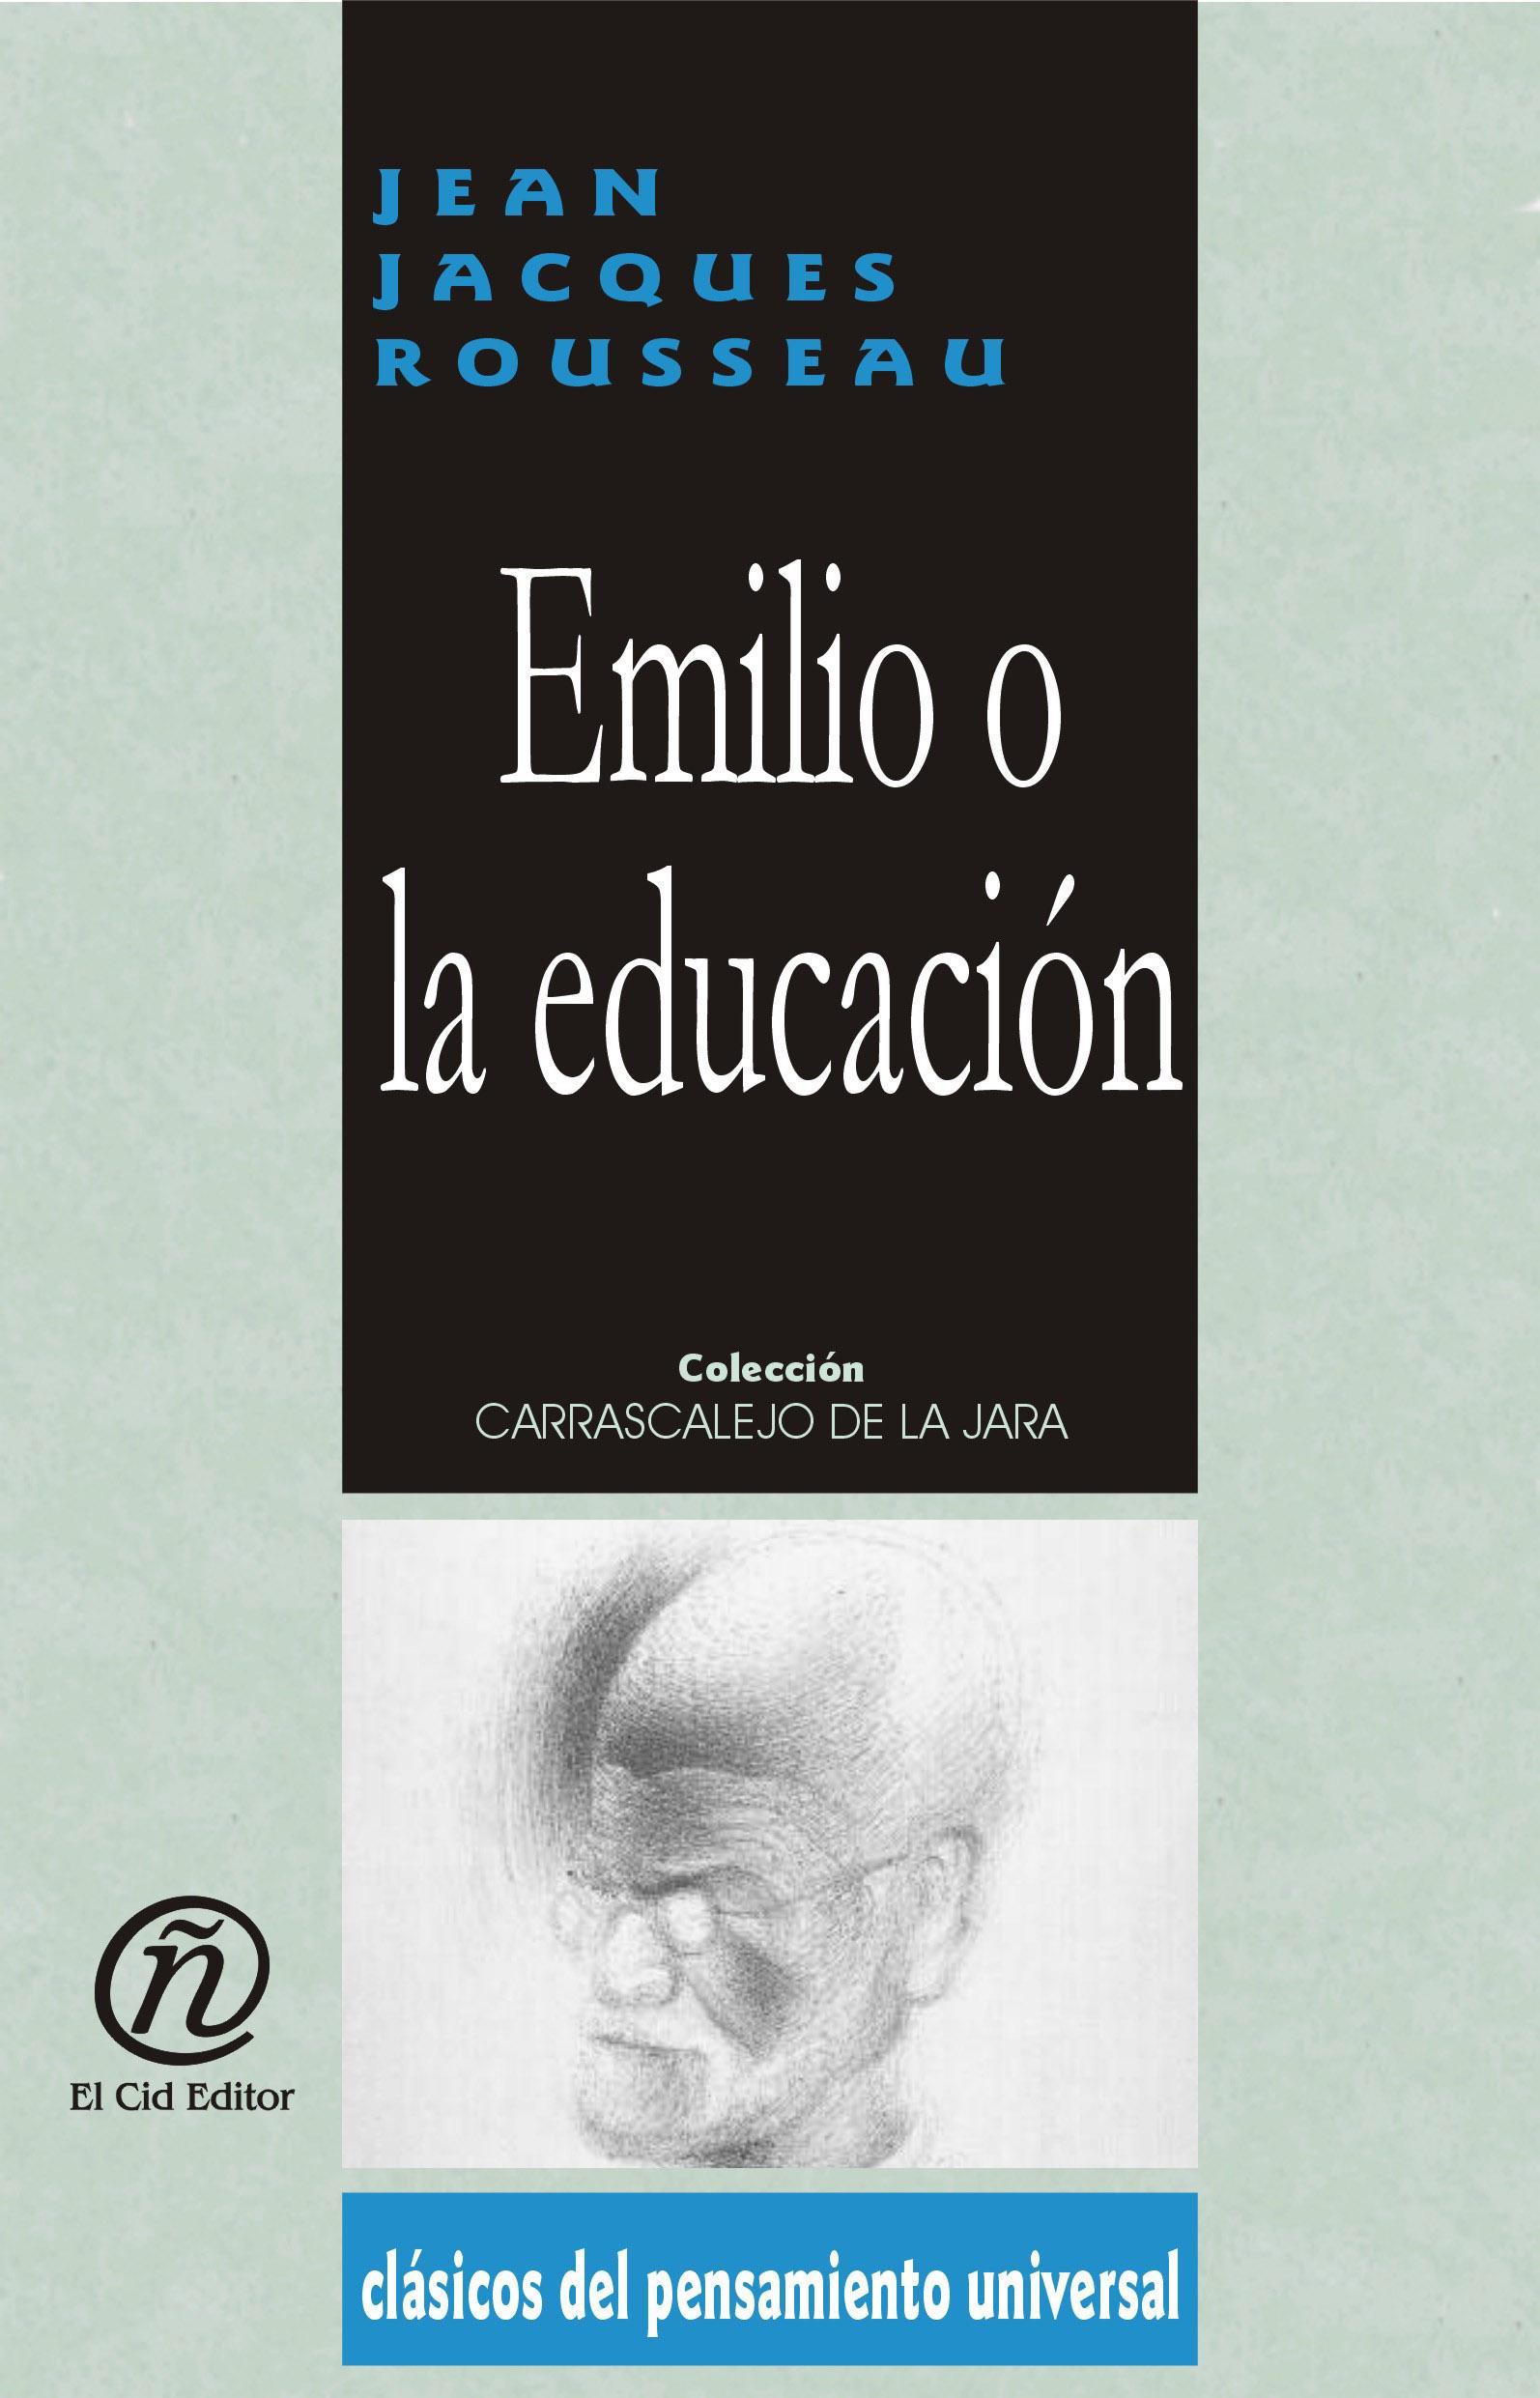 Emilio o la educaci?n: Colecci?n de Cl?sicos del Pensamiento Universal